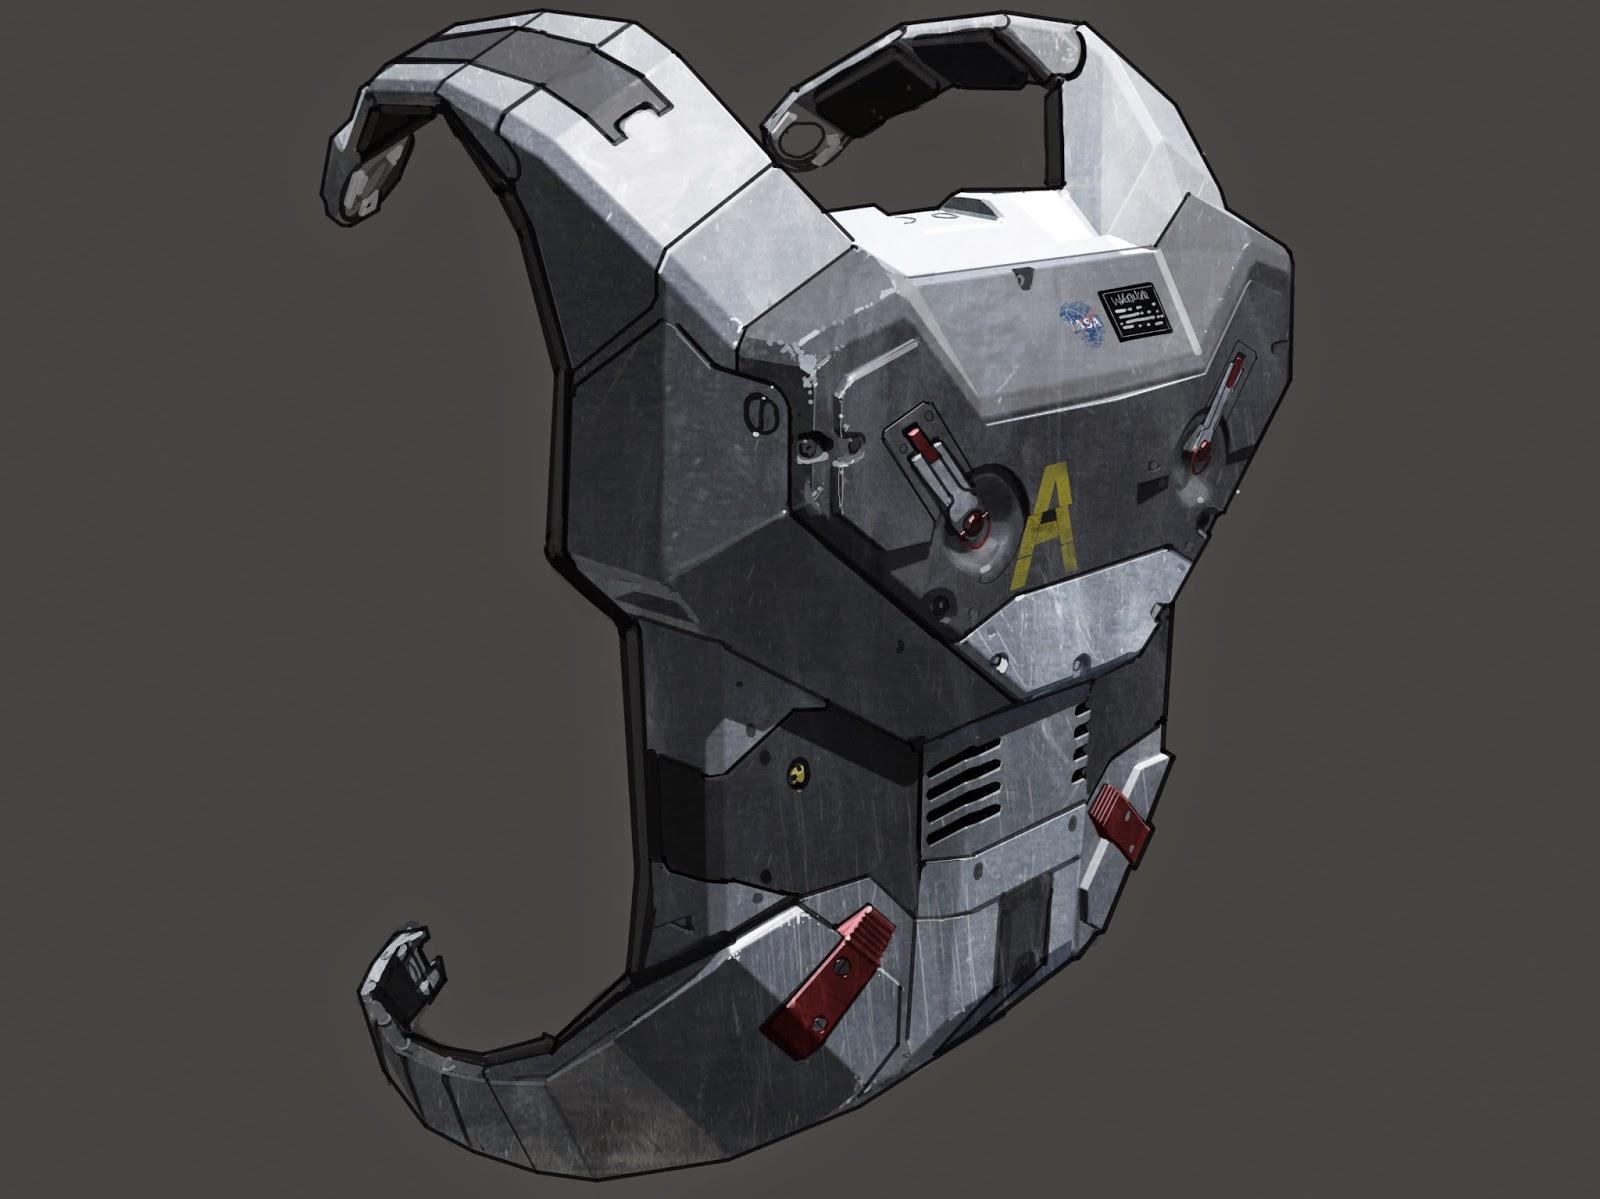 new space suit concept - photo #37